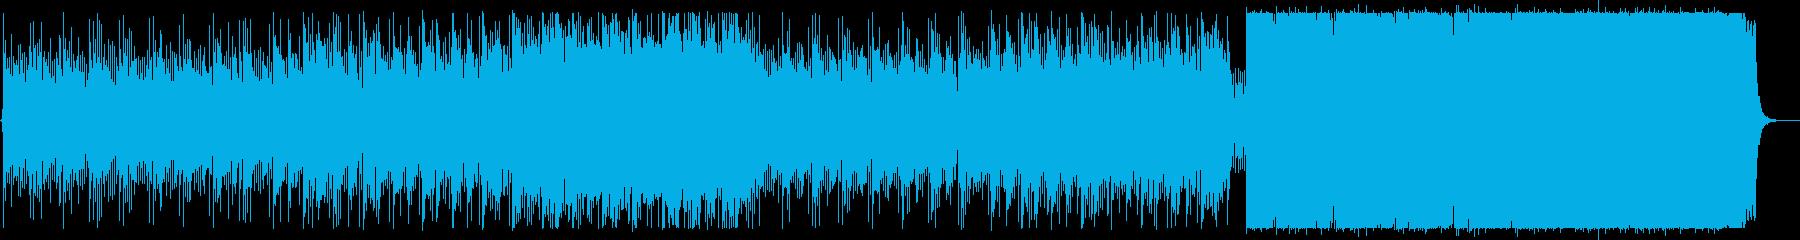 シリアスで重厚な楽曲の再生済みの波形